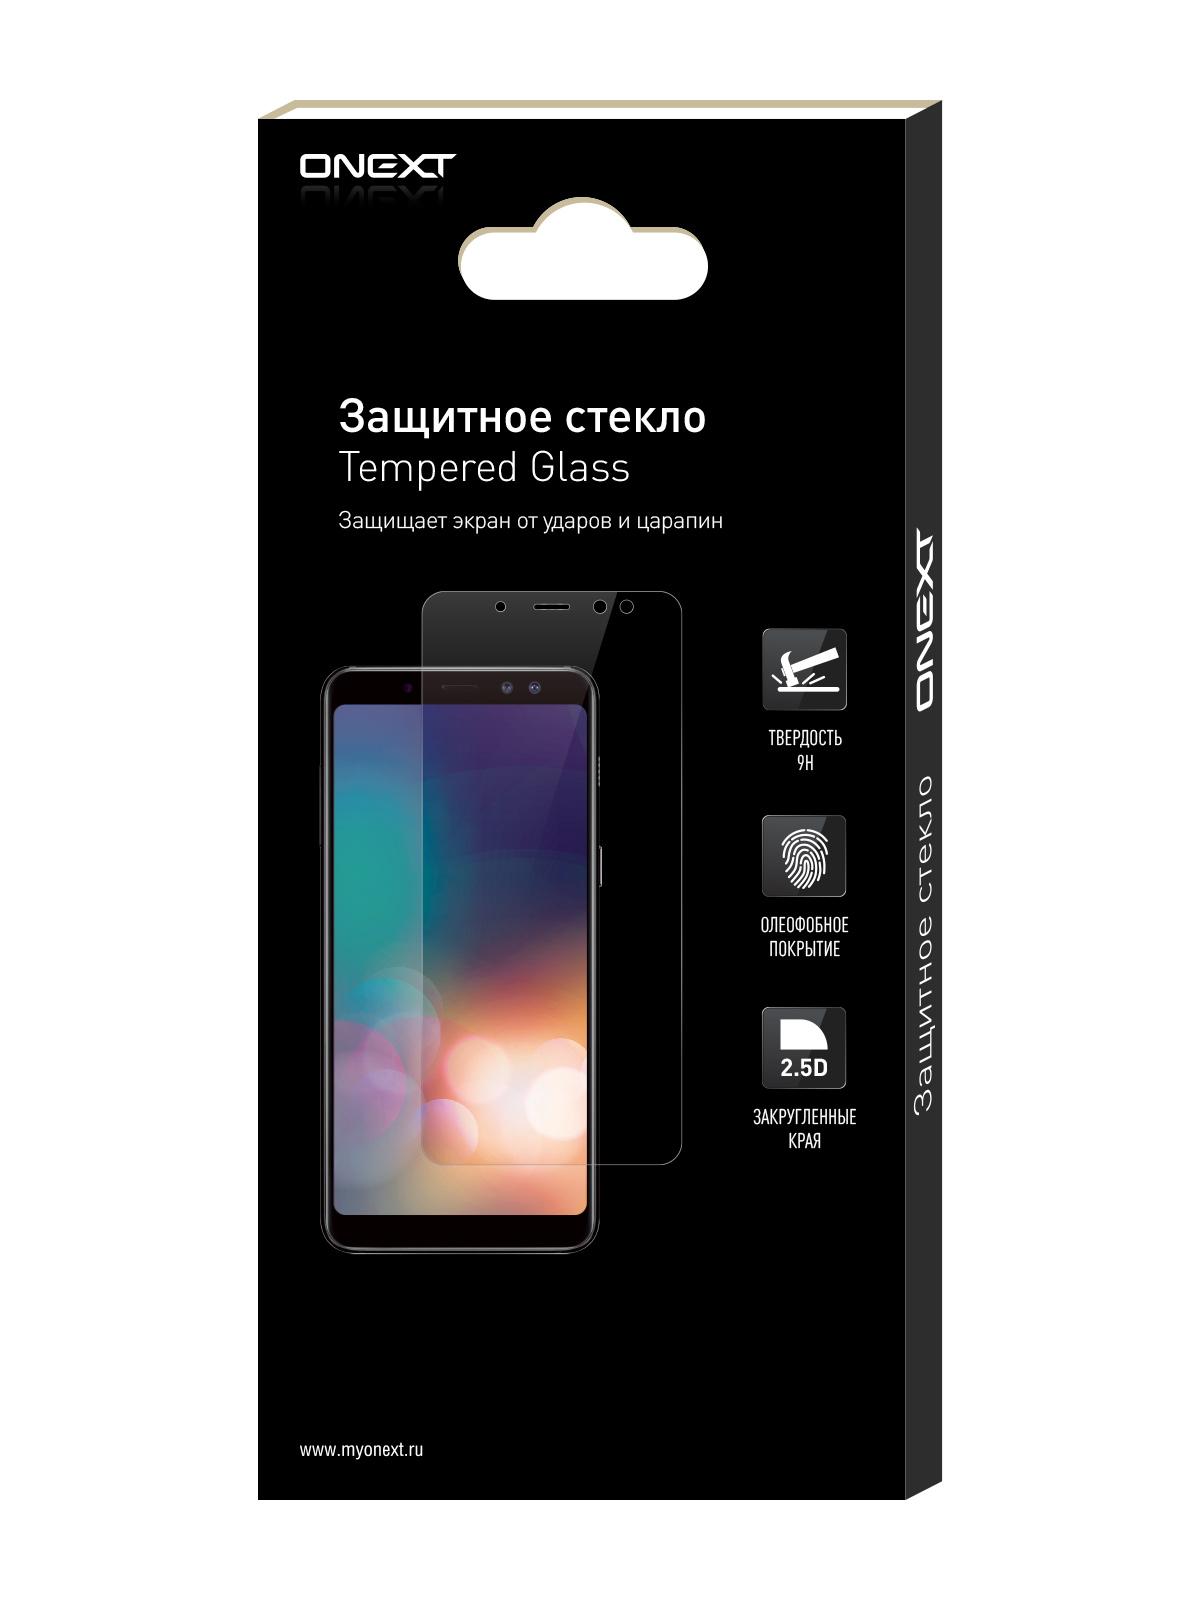 Защитное стекло ONEXT для Samsung Galaxy J5 Prime